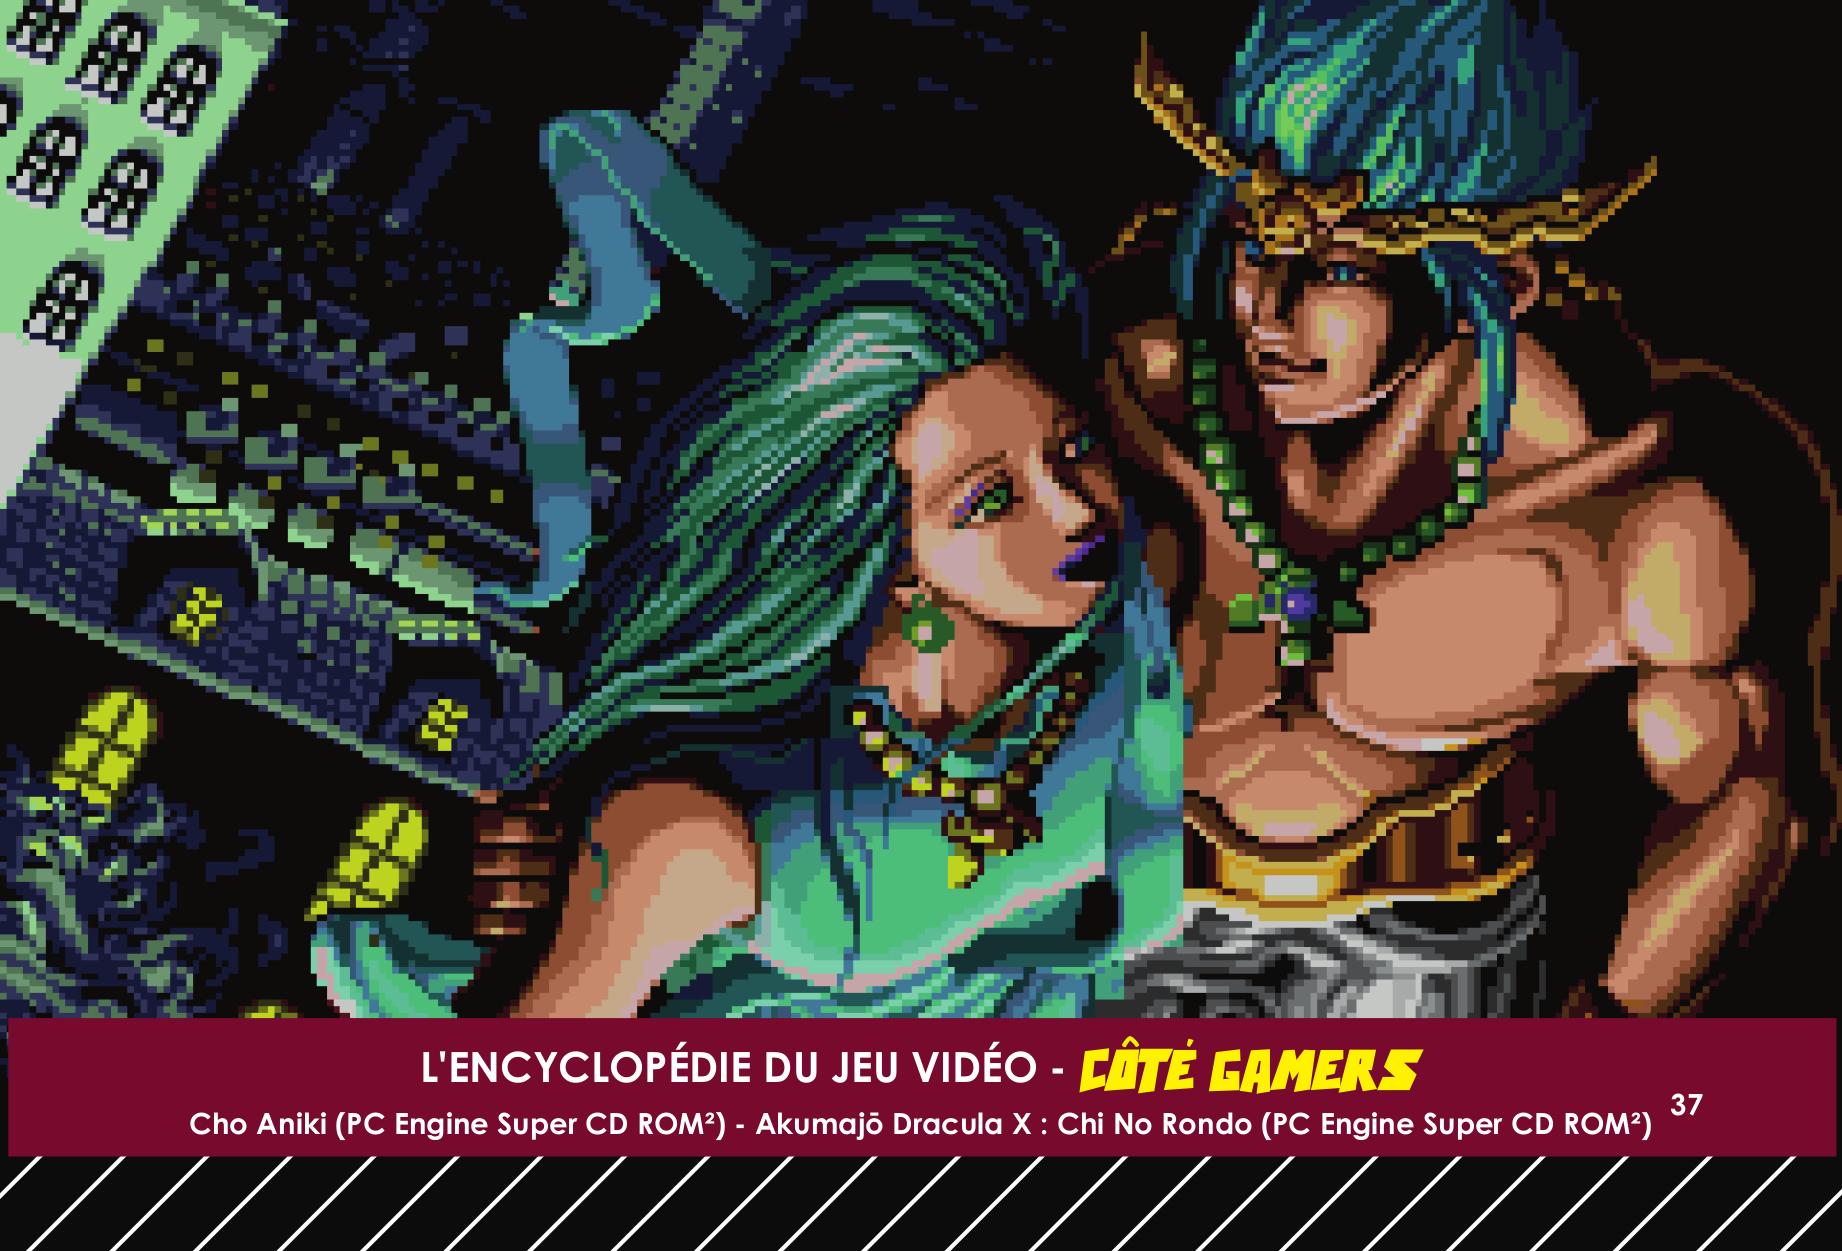 Fiche encyclopédie du jeu vidéo Cho Aniki illustration